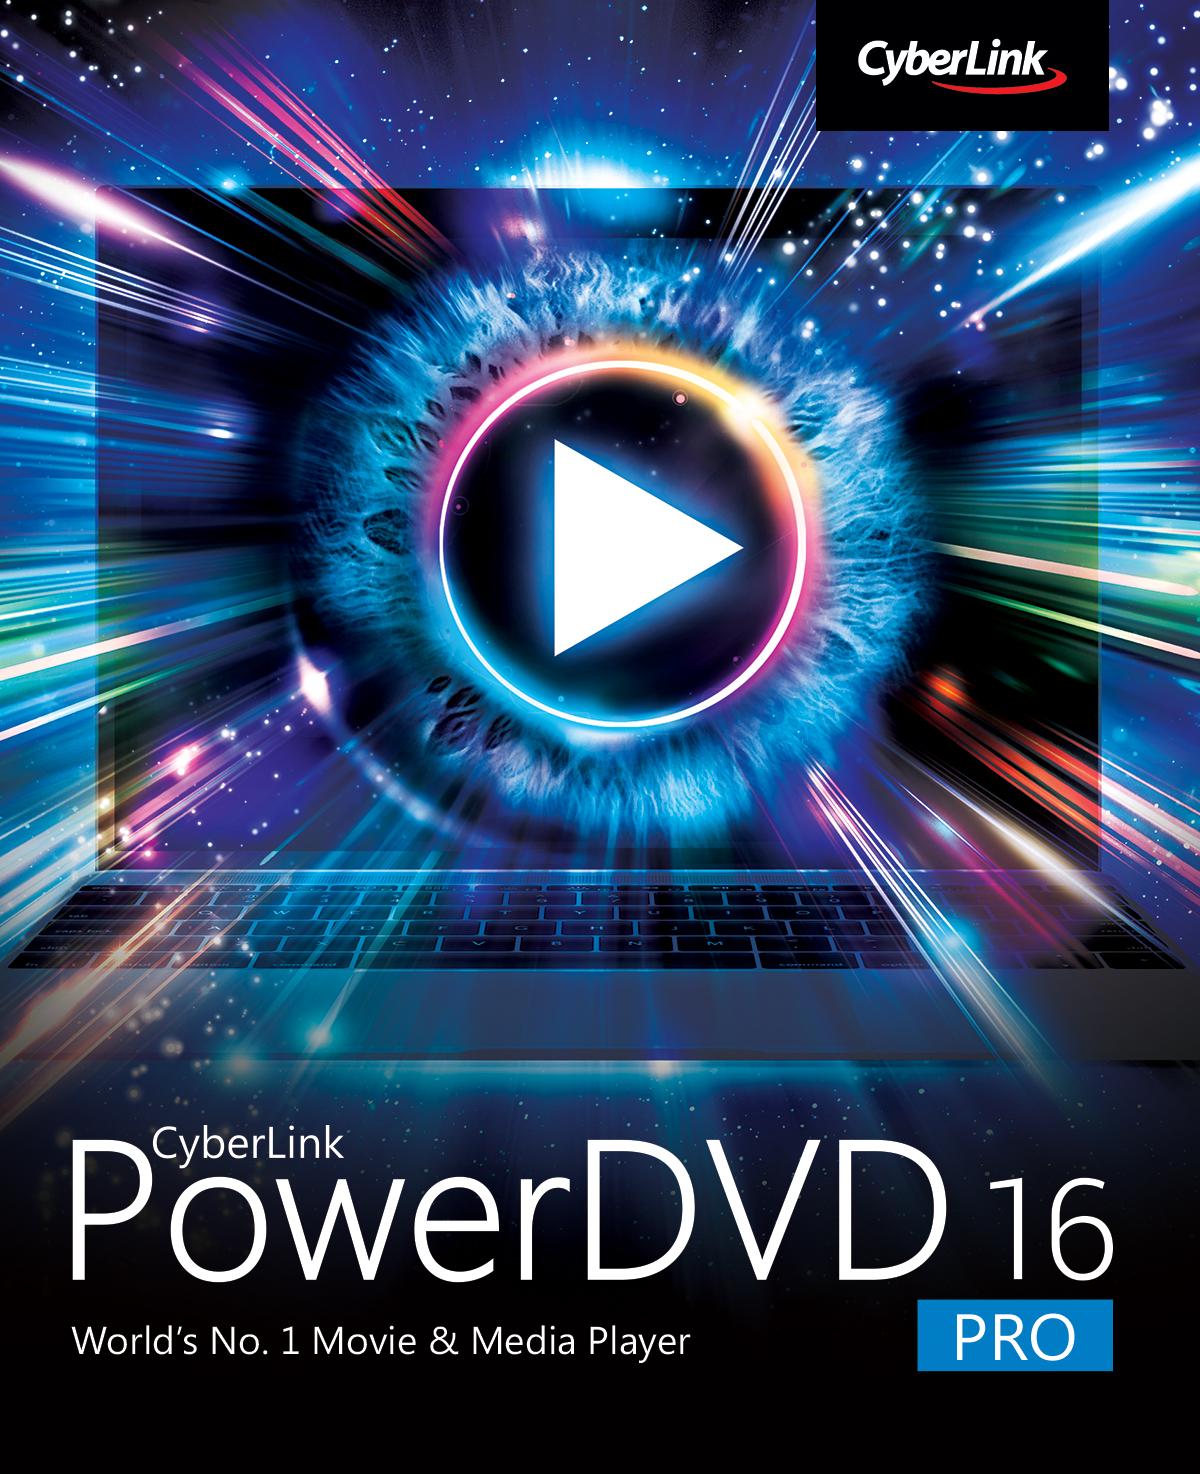 cyberlink-powerdvd-16-pro-download